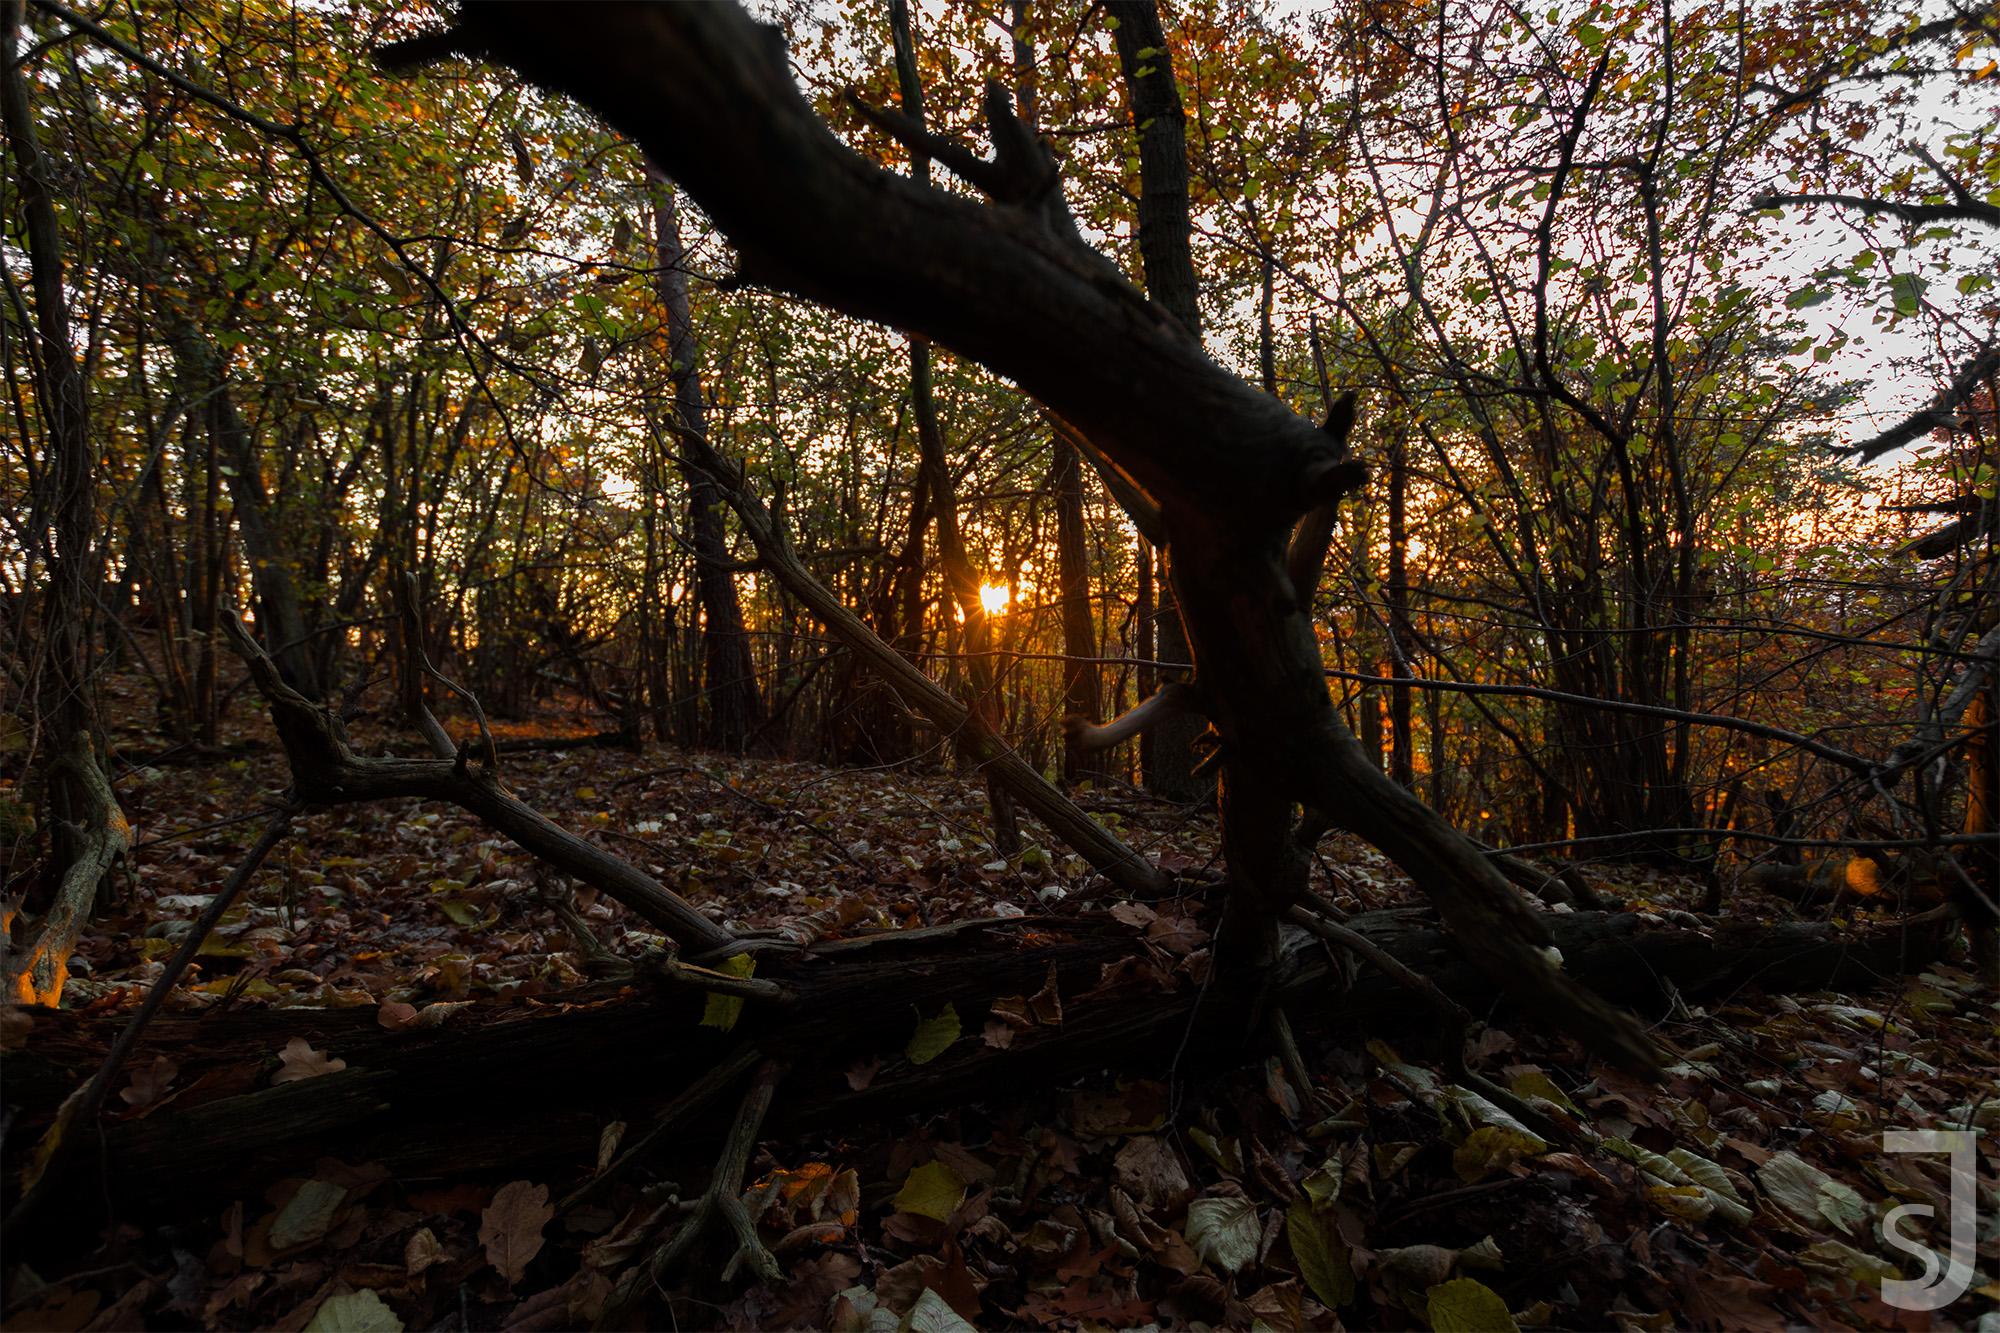 Sonnenuntergang Wald (Baumstamm), Unterfranken